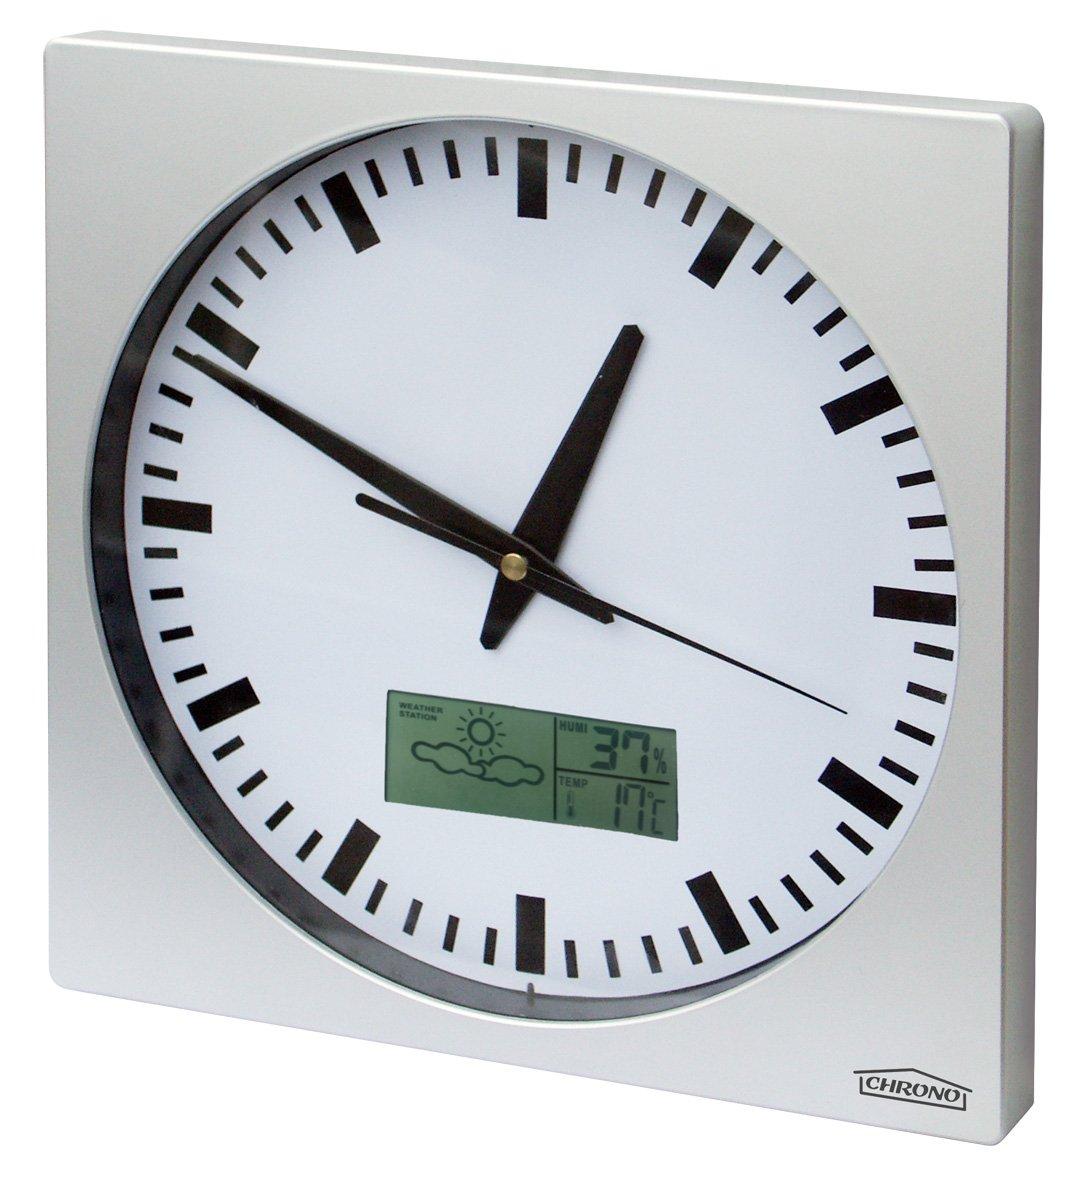 Cadre en Aluminium Bross/é 25cm x 25cm Thermom?tre Horloge Murale avec le Dateur Barom?tre CHRONO ZP1 Pr/évisions M/ét/éo